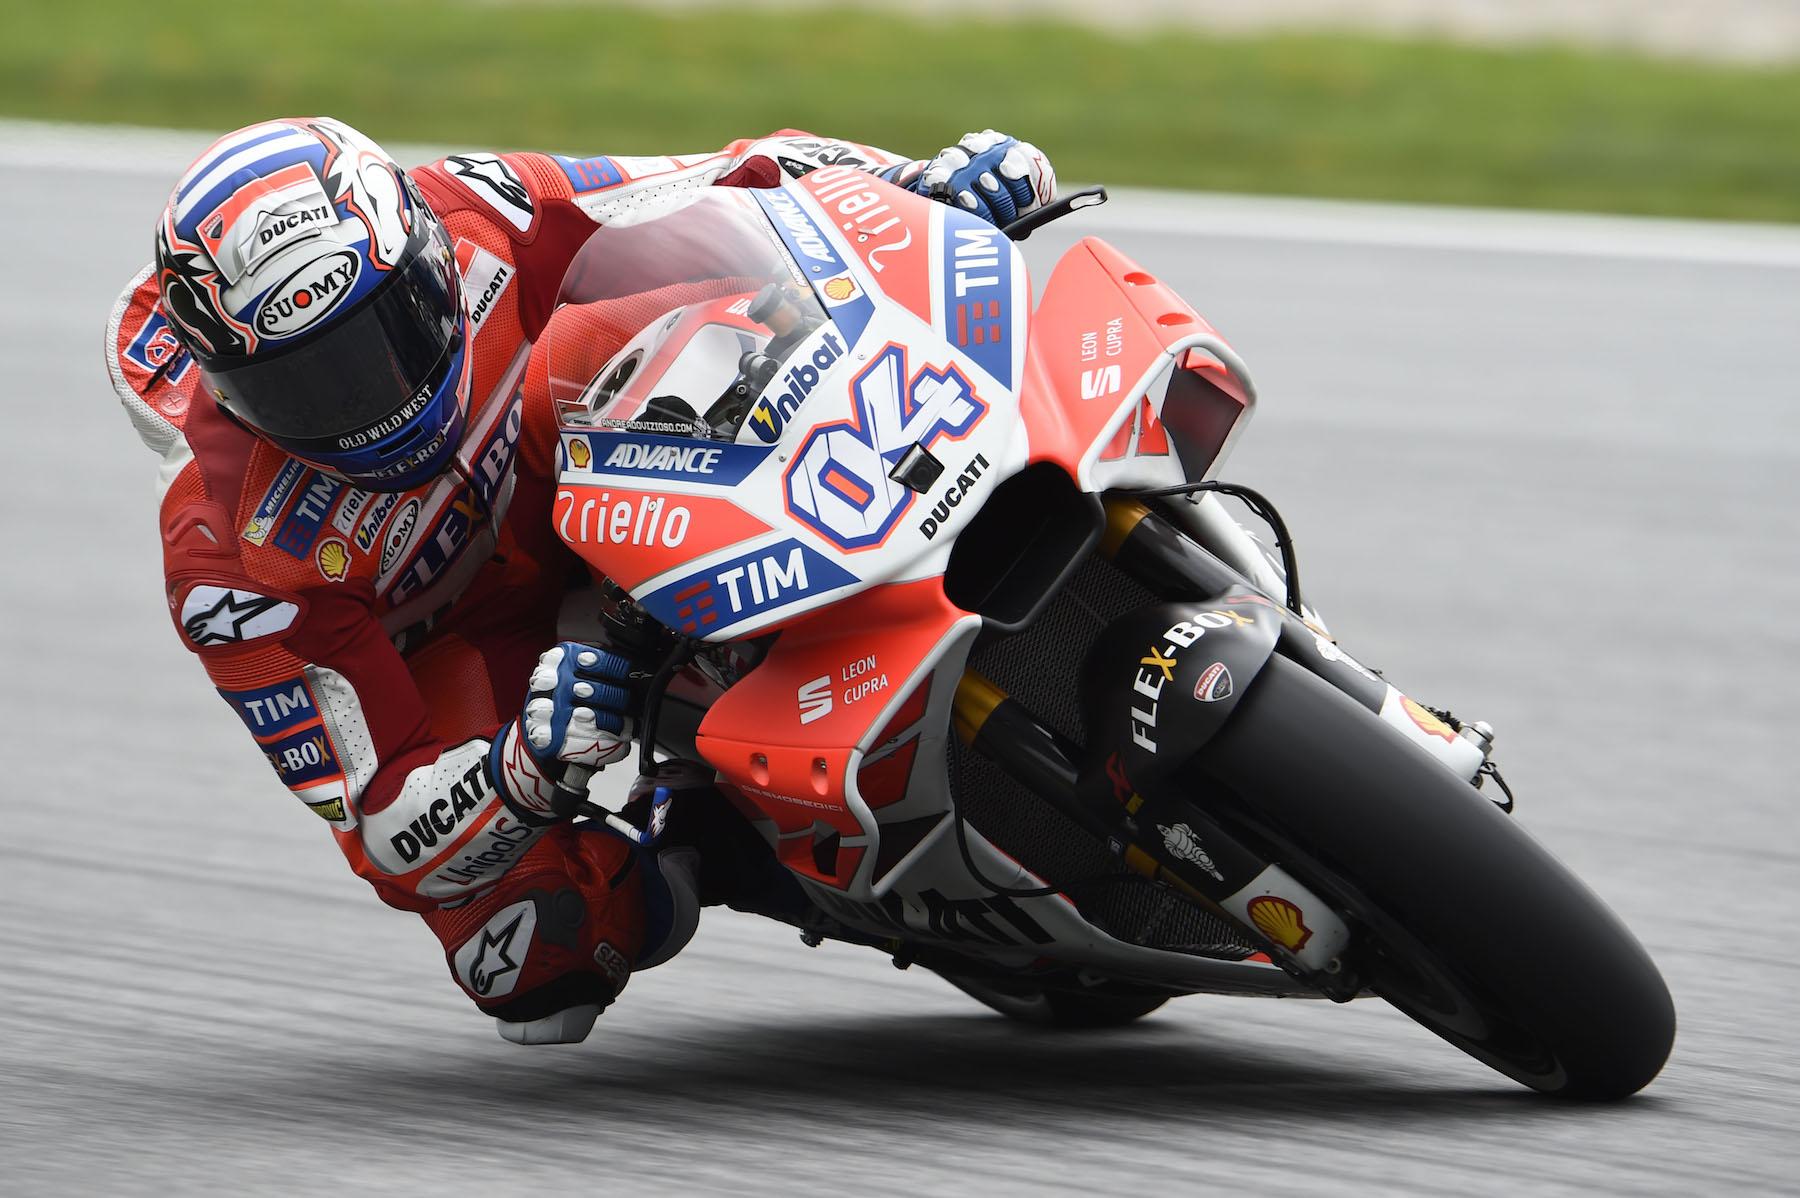 Andrea Dovizioso cierra el viernes como el más rápido en MotoGP